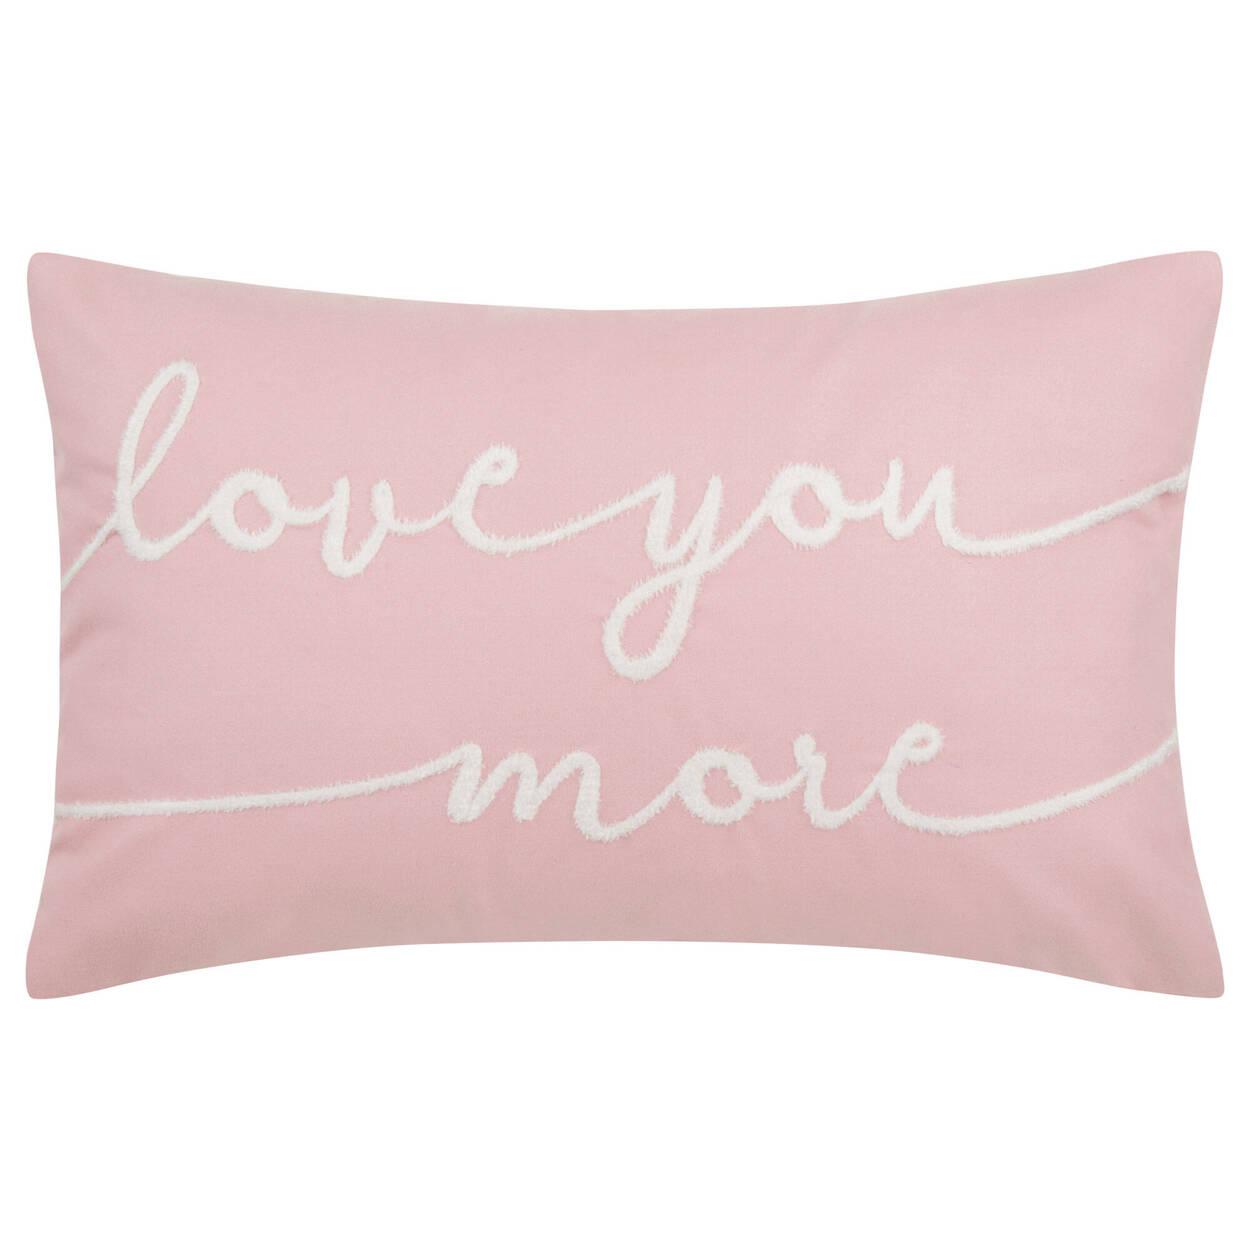 """Coussin lombaire décoratif """"Love You More"""" 13"""" x 20"""""""